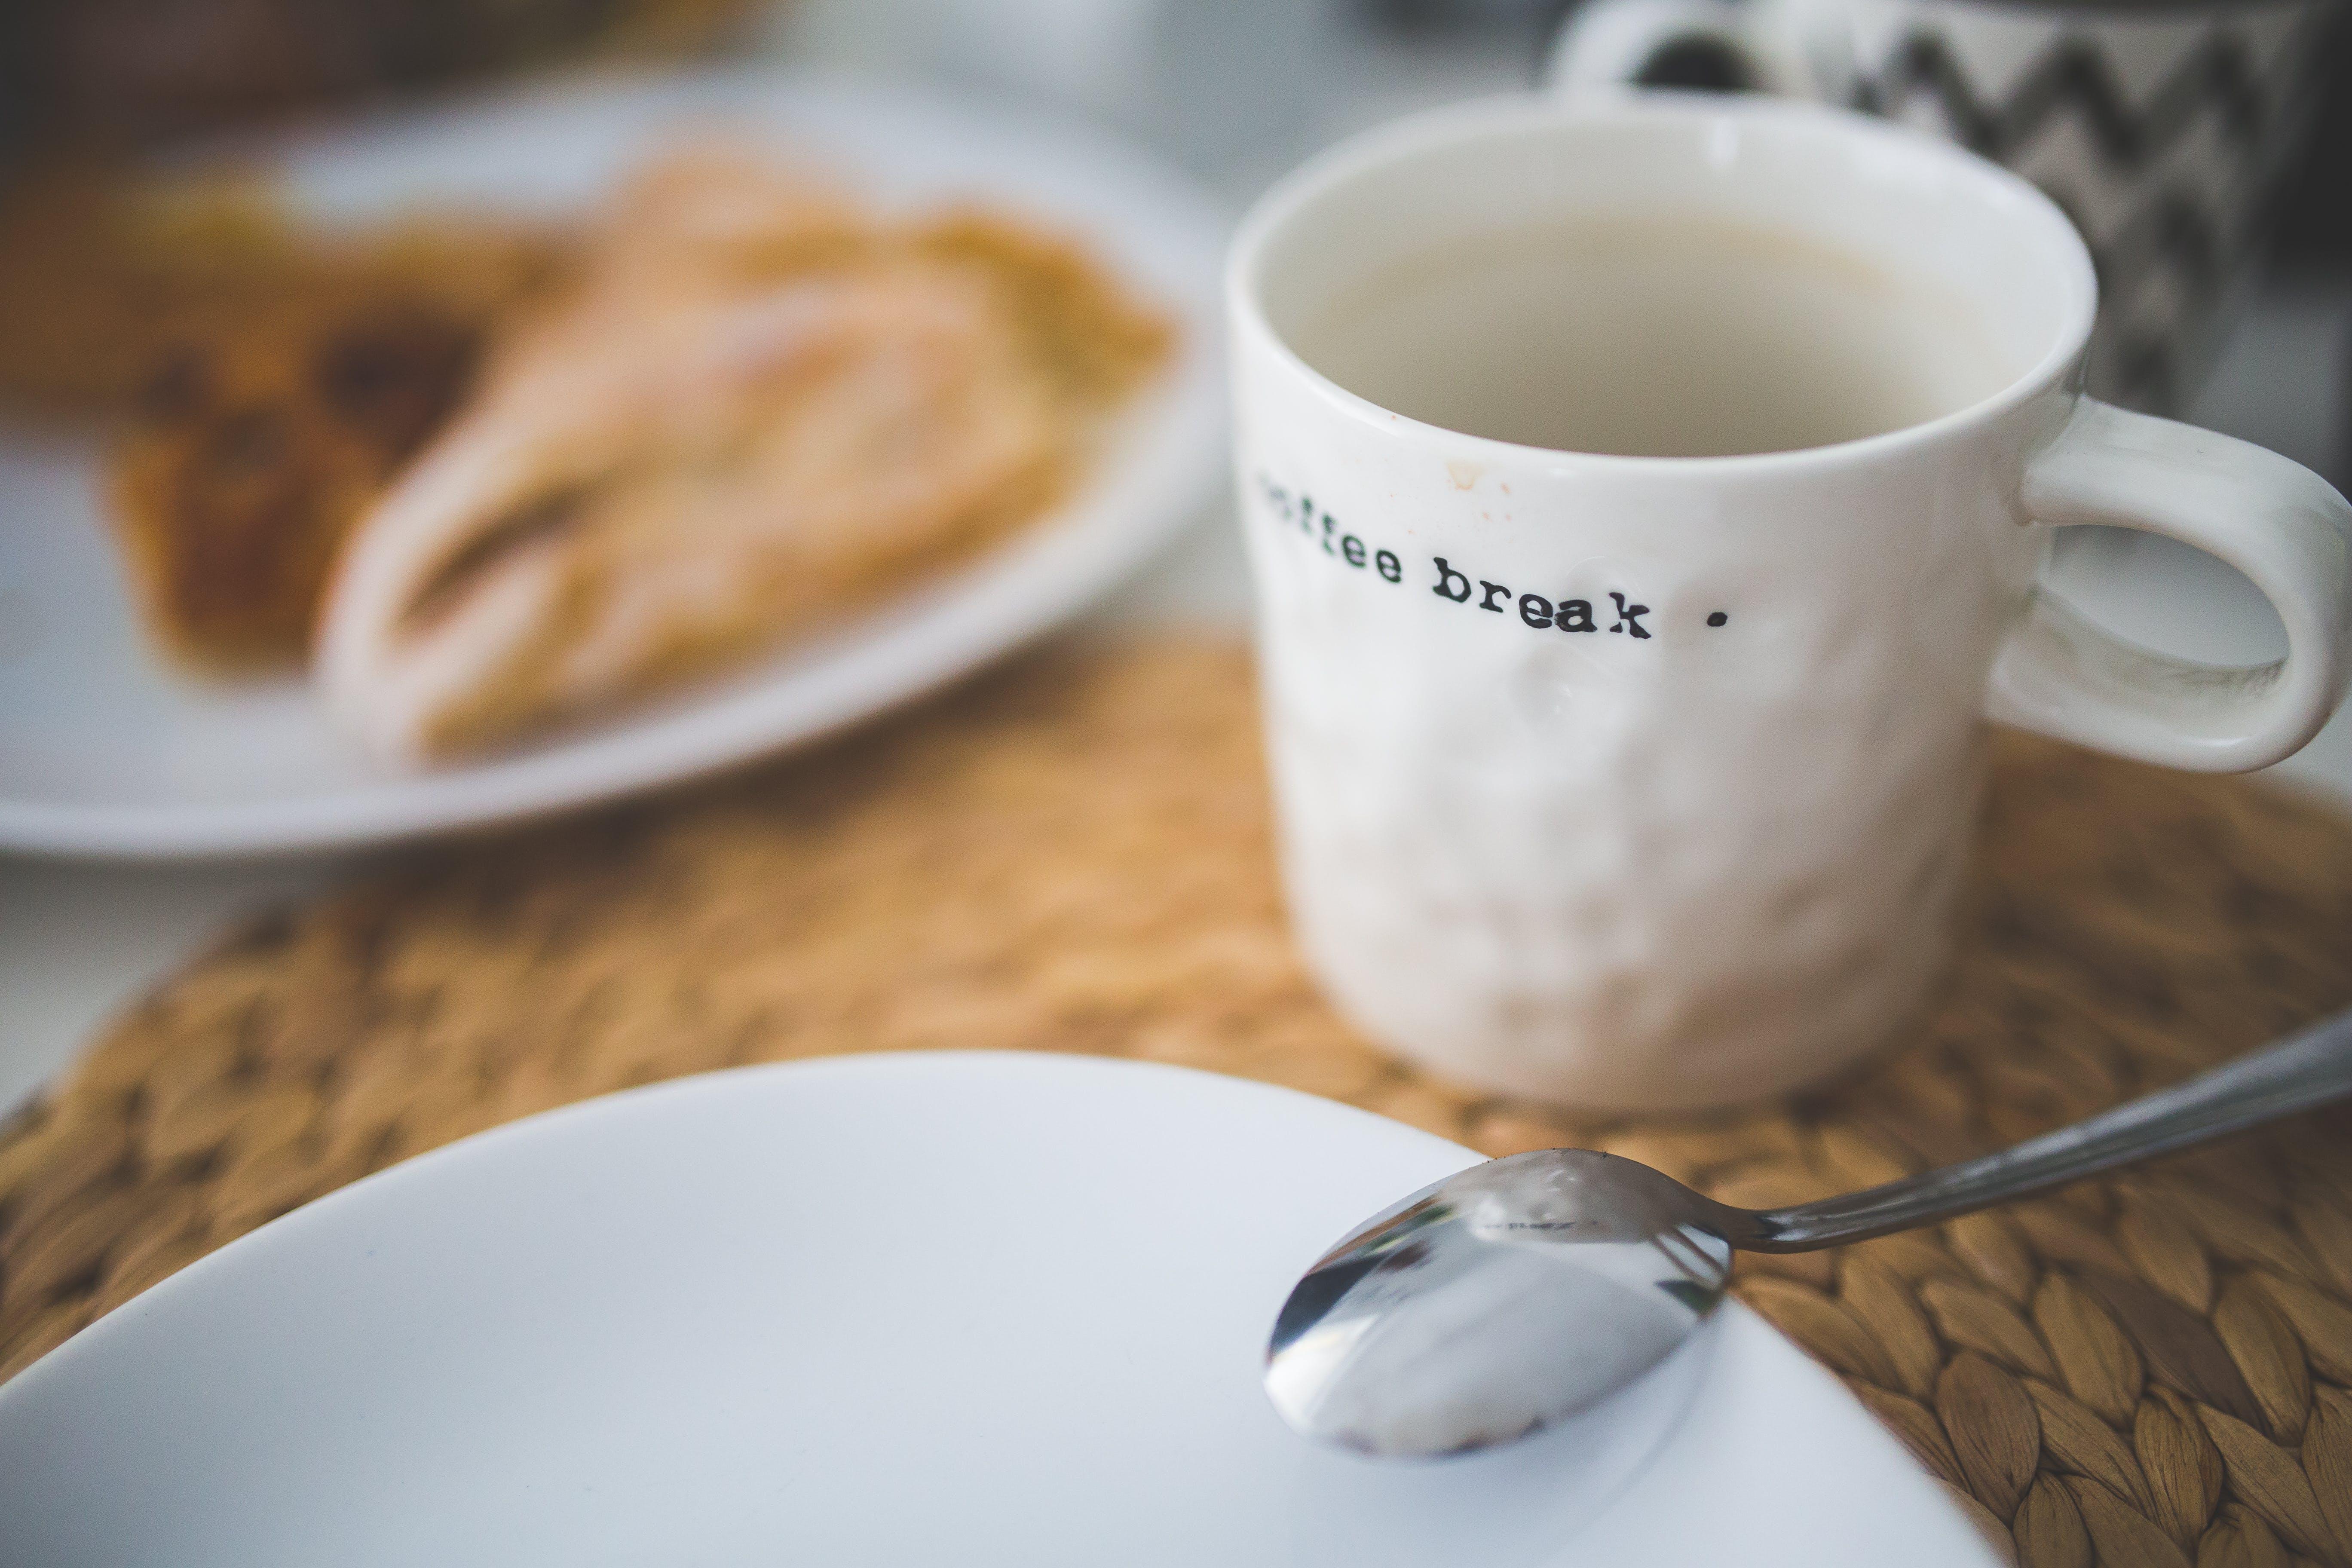 Δωρεάν στοκ φωτογραφιών με διακοπή, καφές, κούπα, κουτάλι